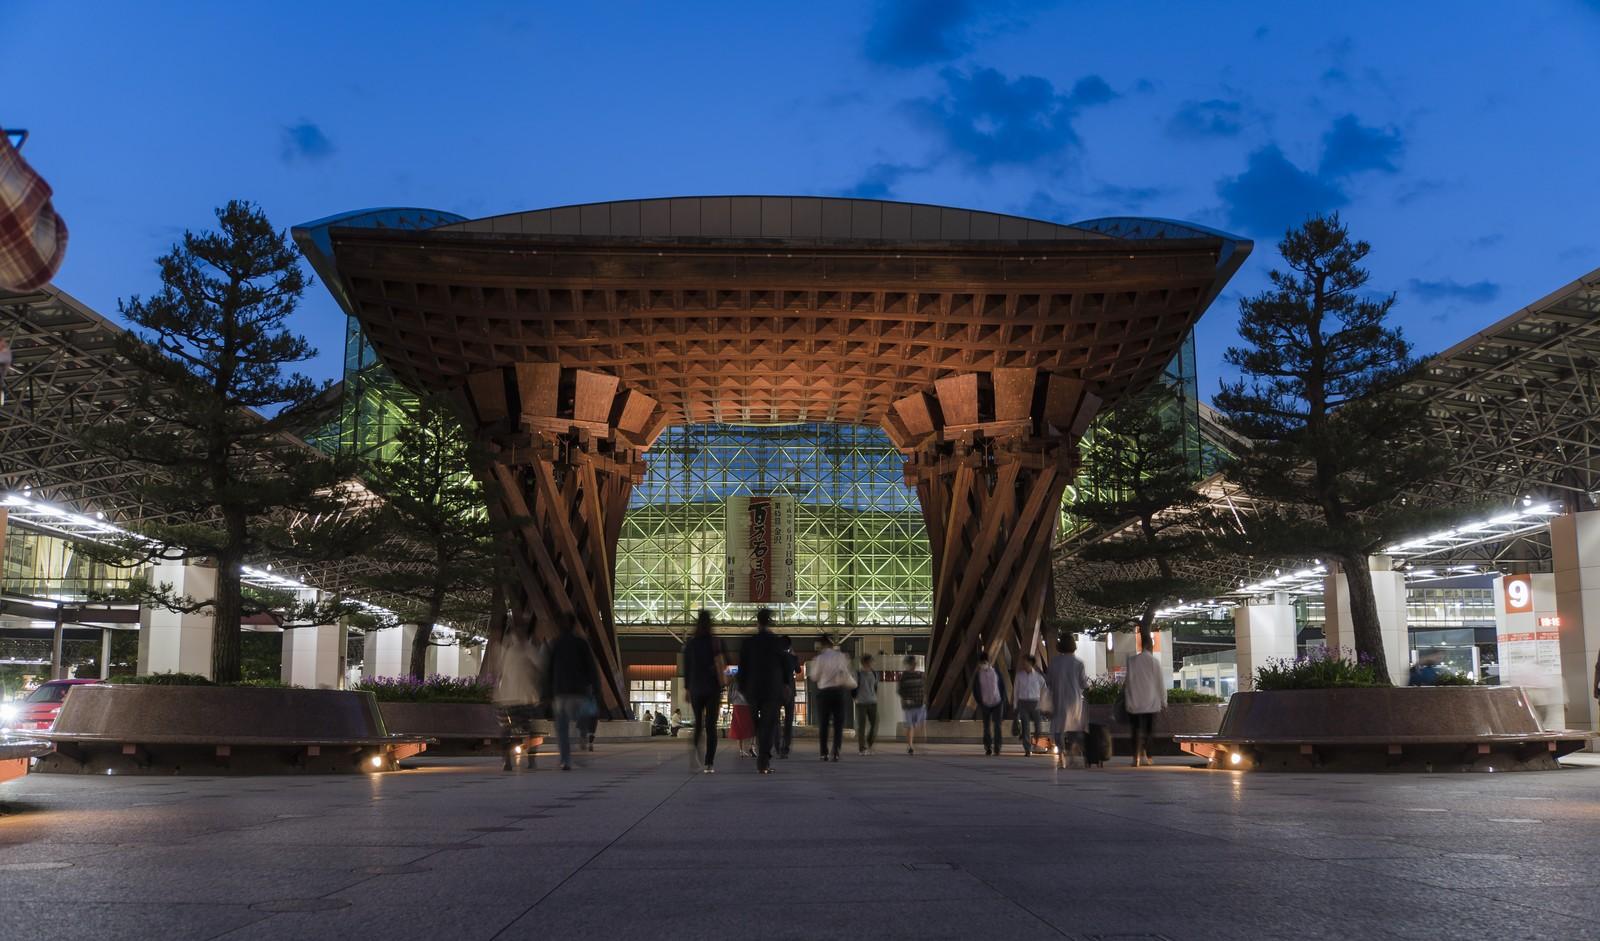 金沢の駅弁おすすめランキング!人気ご当地グルメを食べ尽くす!